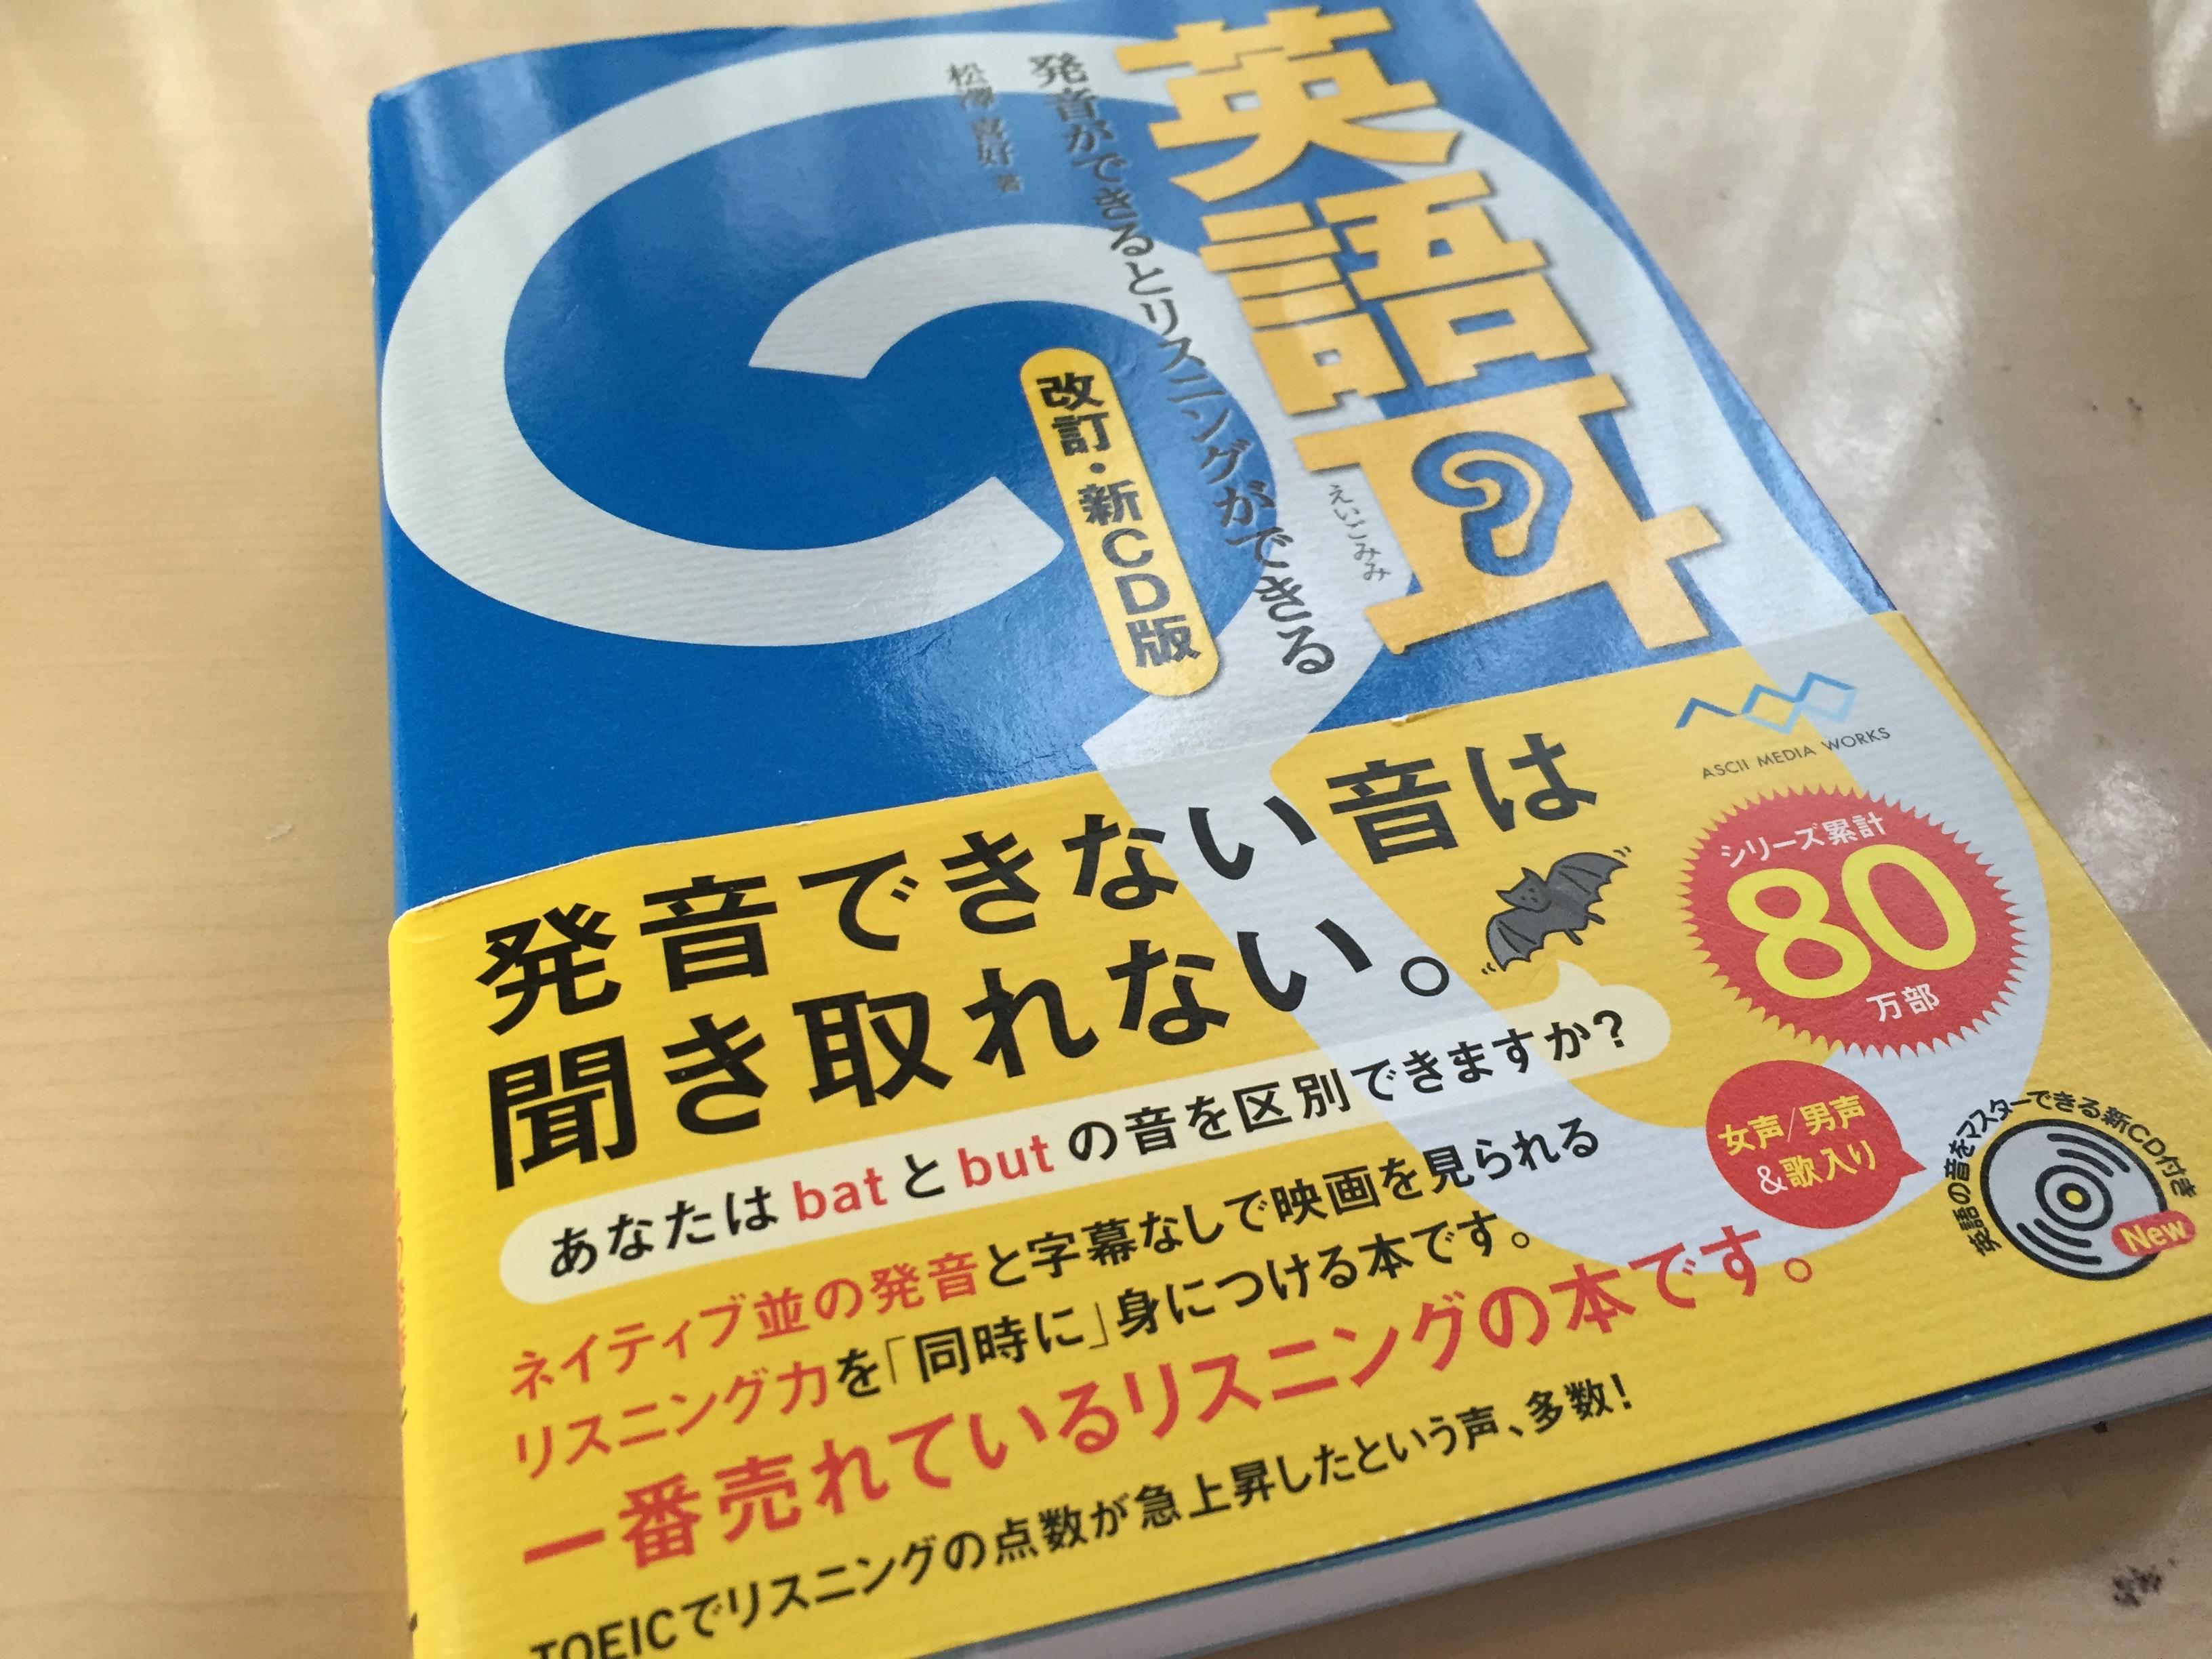 「英語耳」は英語の発音とリスニングを鍛えたい人に超おすすめ!ただし、かなり人を選ぶ本